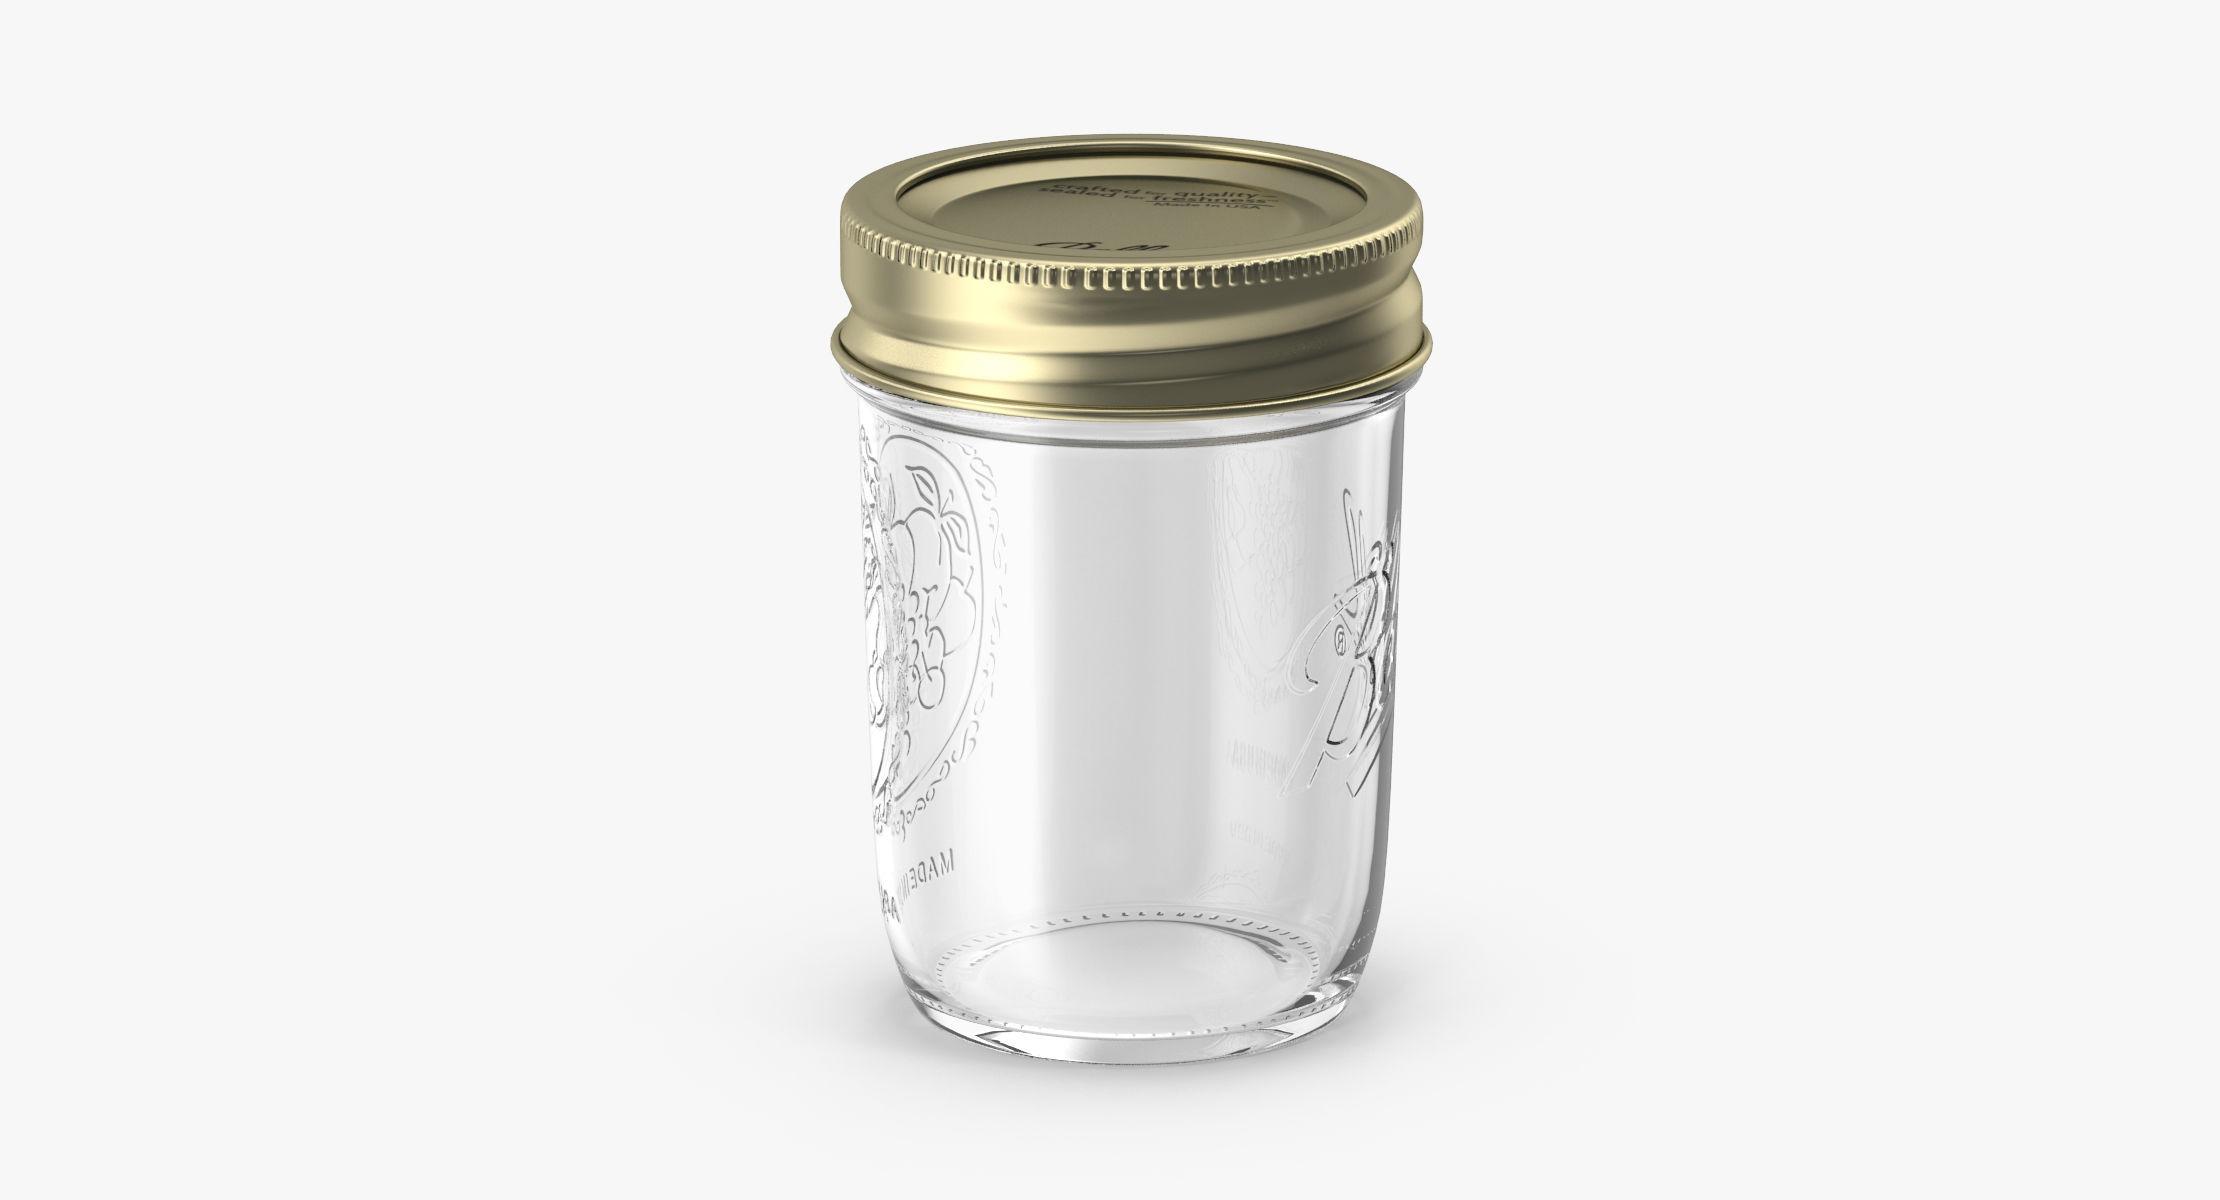 Mason Jar 01 - reel 1